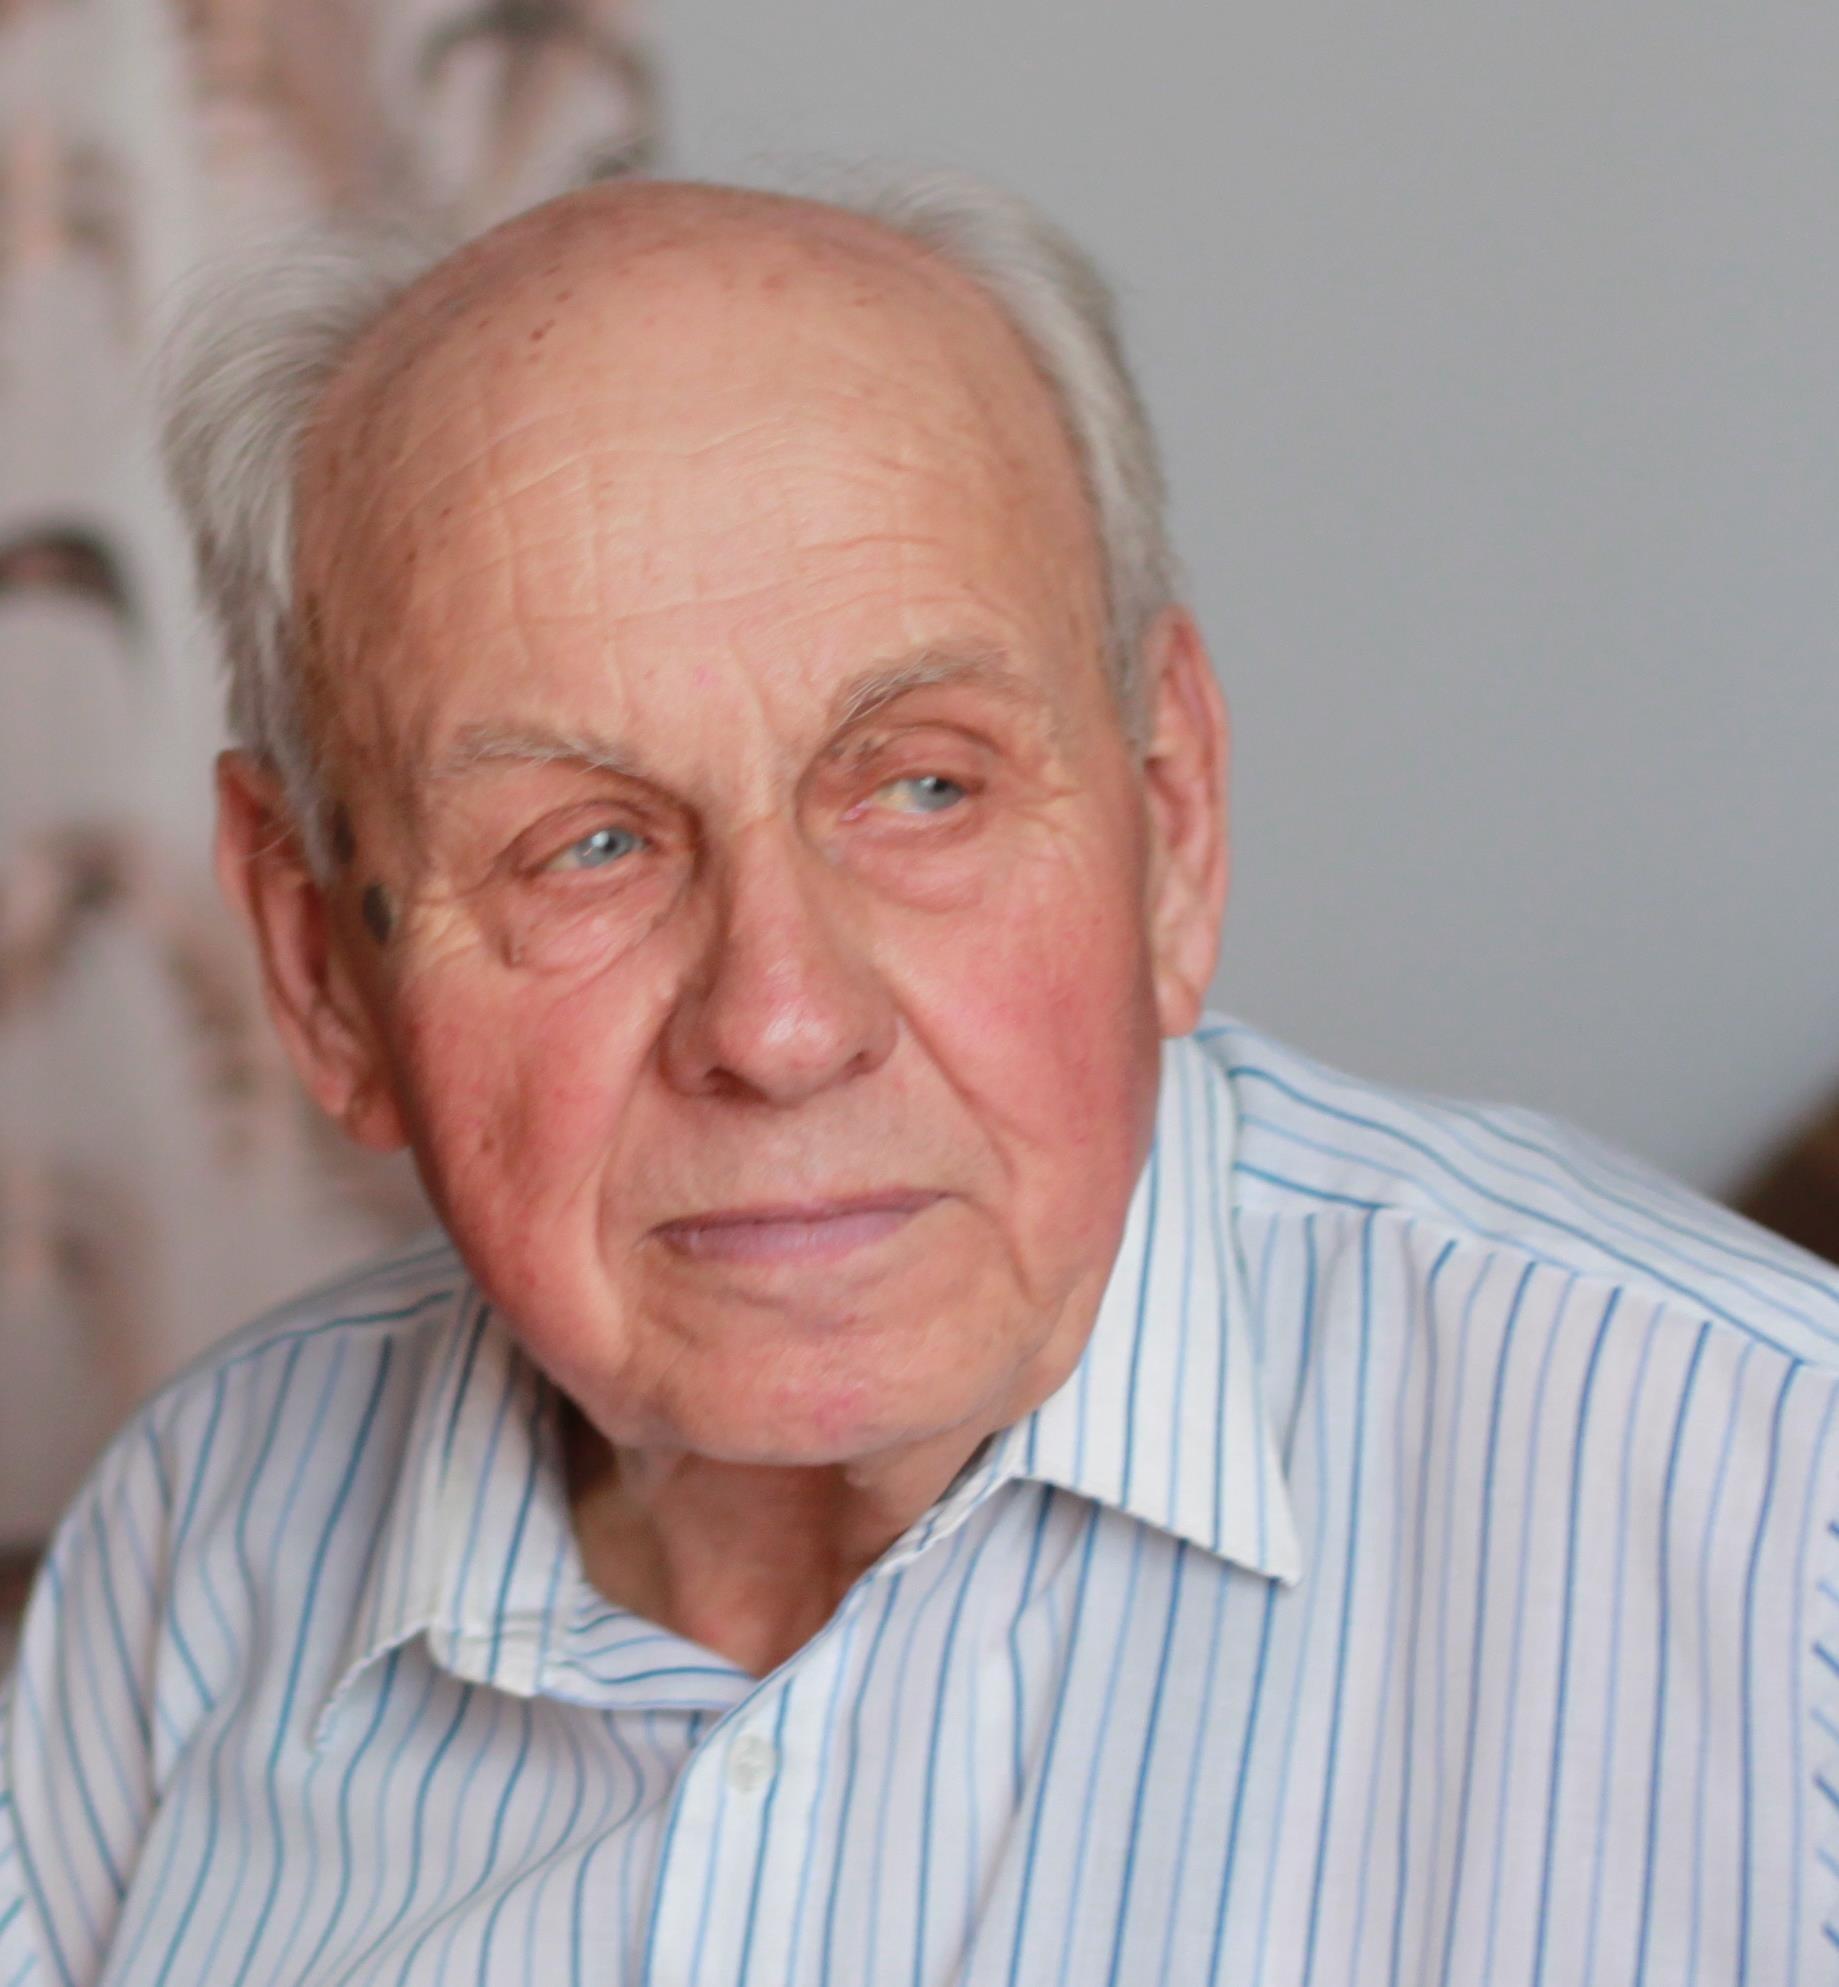 онлайн бесплатно знакомства пенсионеров 60 80 лет